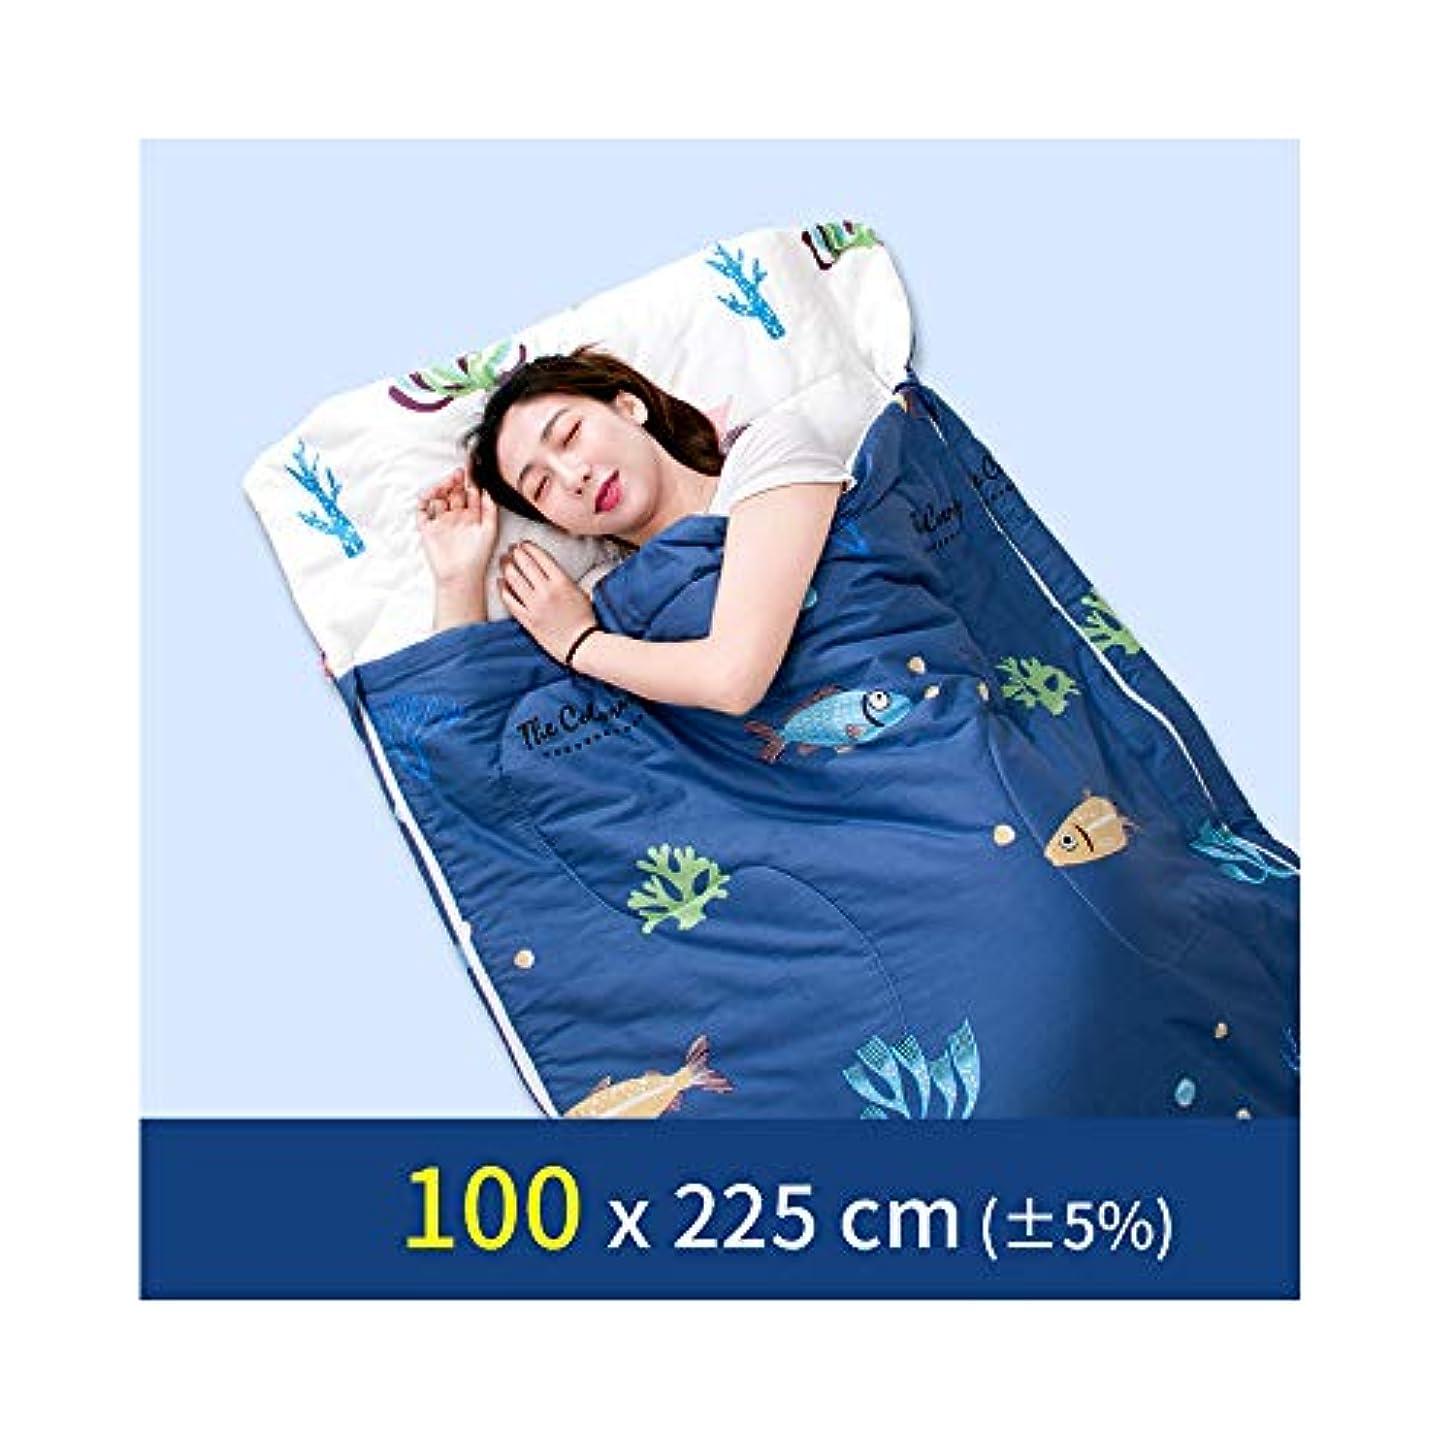 香ばしいスリット消費寝袋大人寝袋冬寝袋寝袋旅行封筒キャンプ寝袋軽量ポータブル屋外機器登山キャンプ防災夜通し